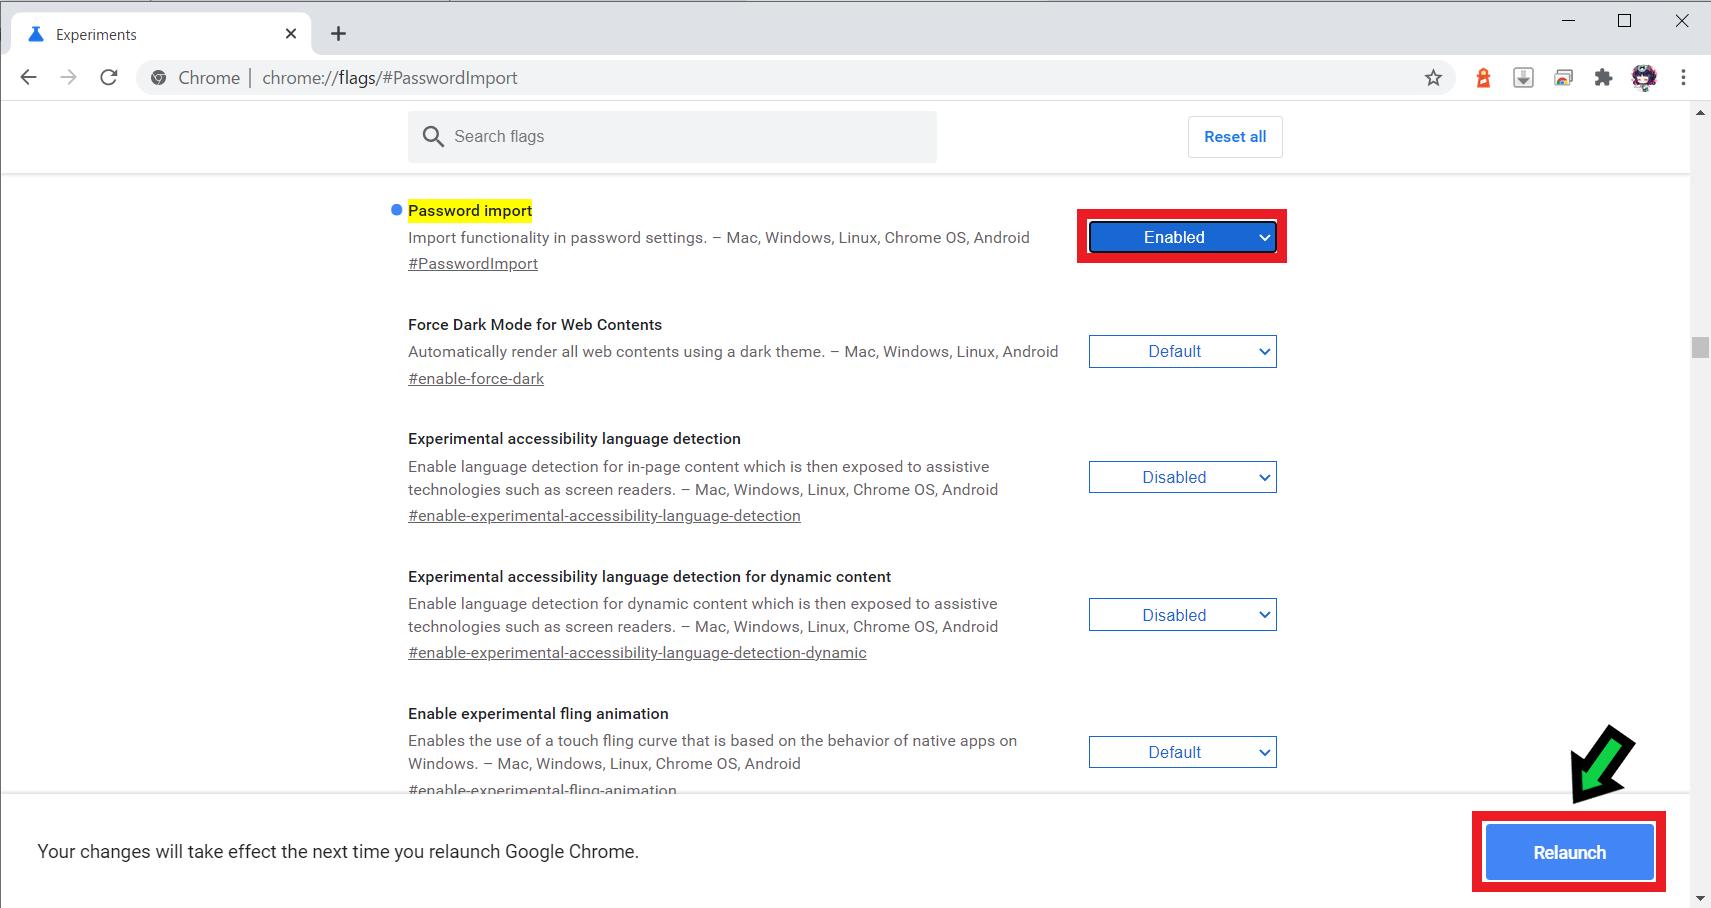 【図で解説】Google ChromeのID、パスワード情報をエクスポートする方法【クロームのパスワード移行】mport